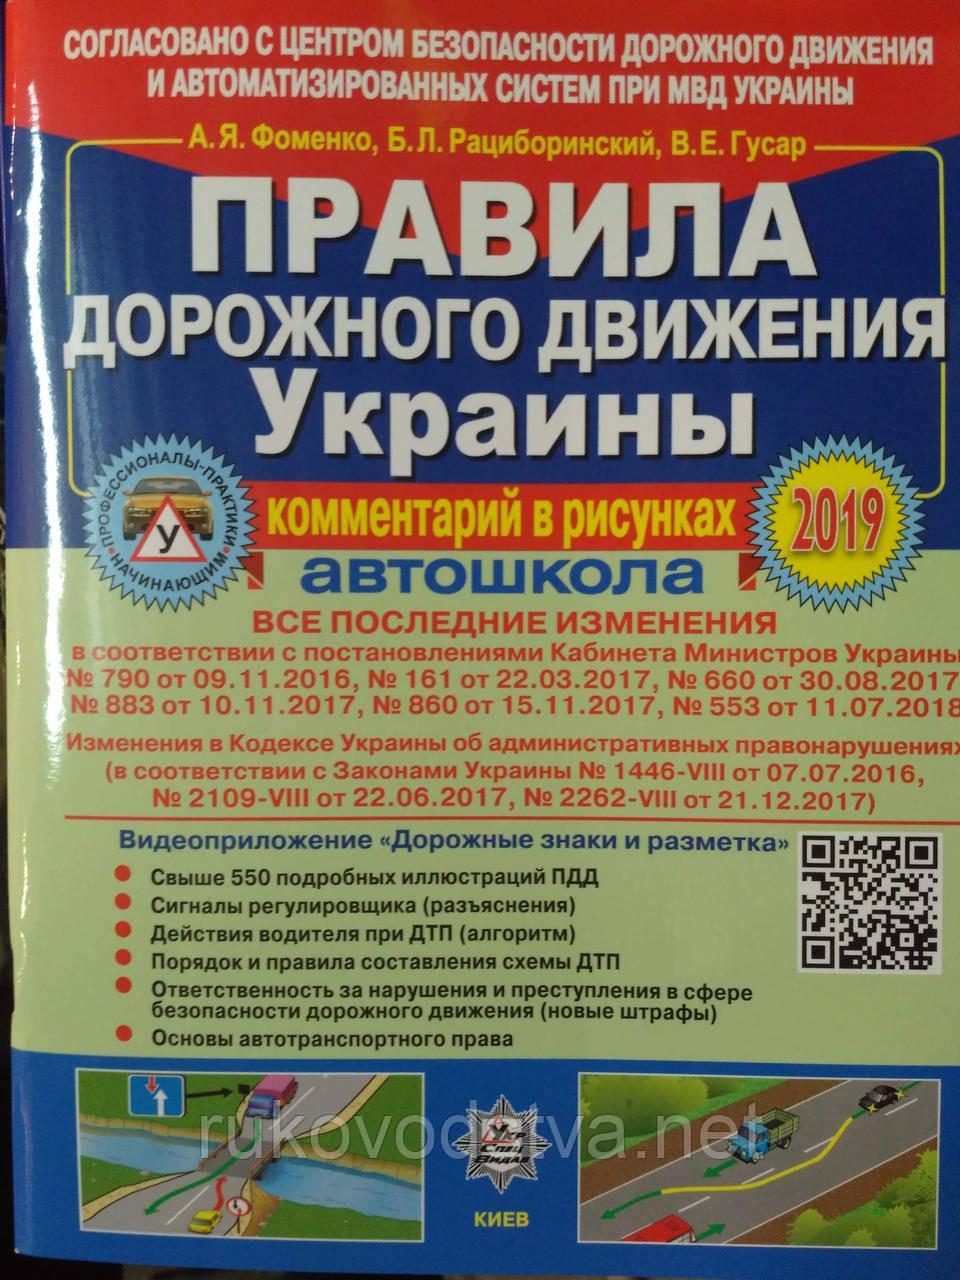 Правила дорожного движения Украины, комментарий в рисунках